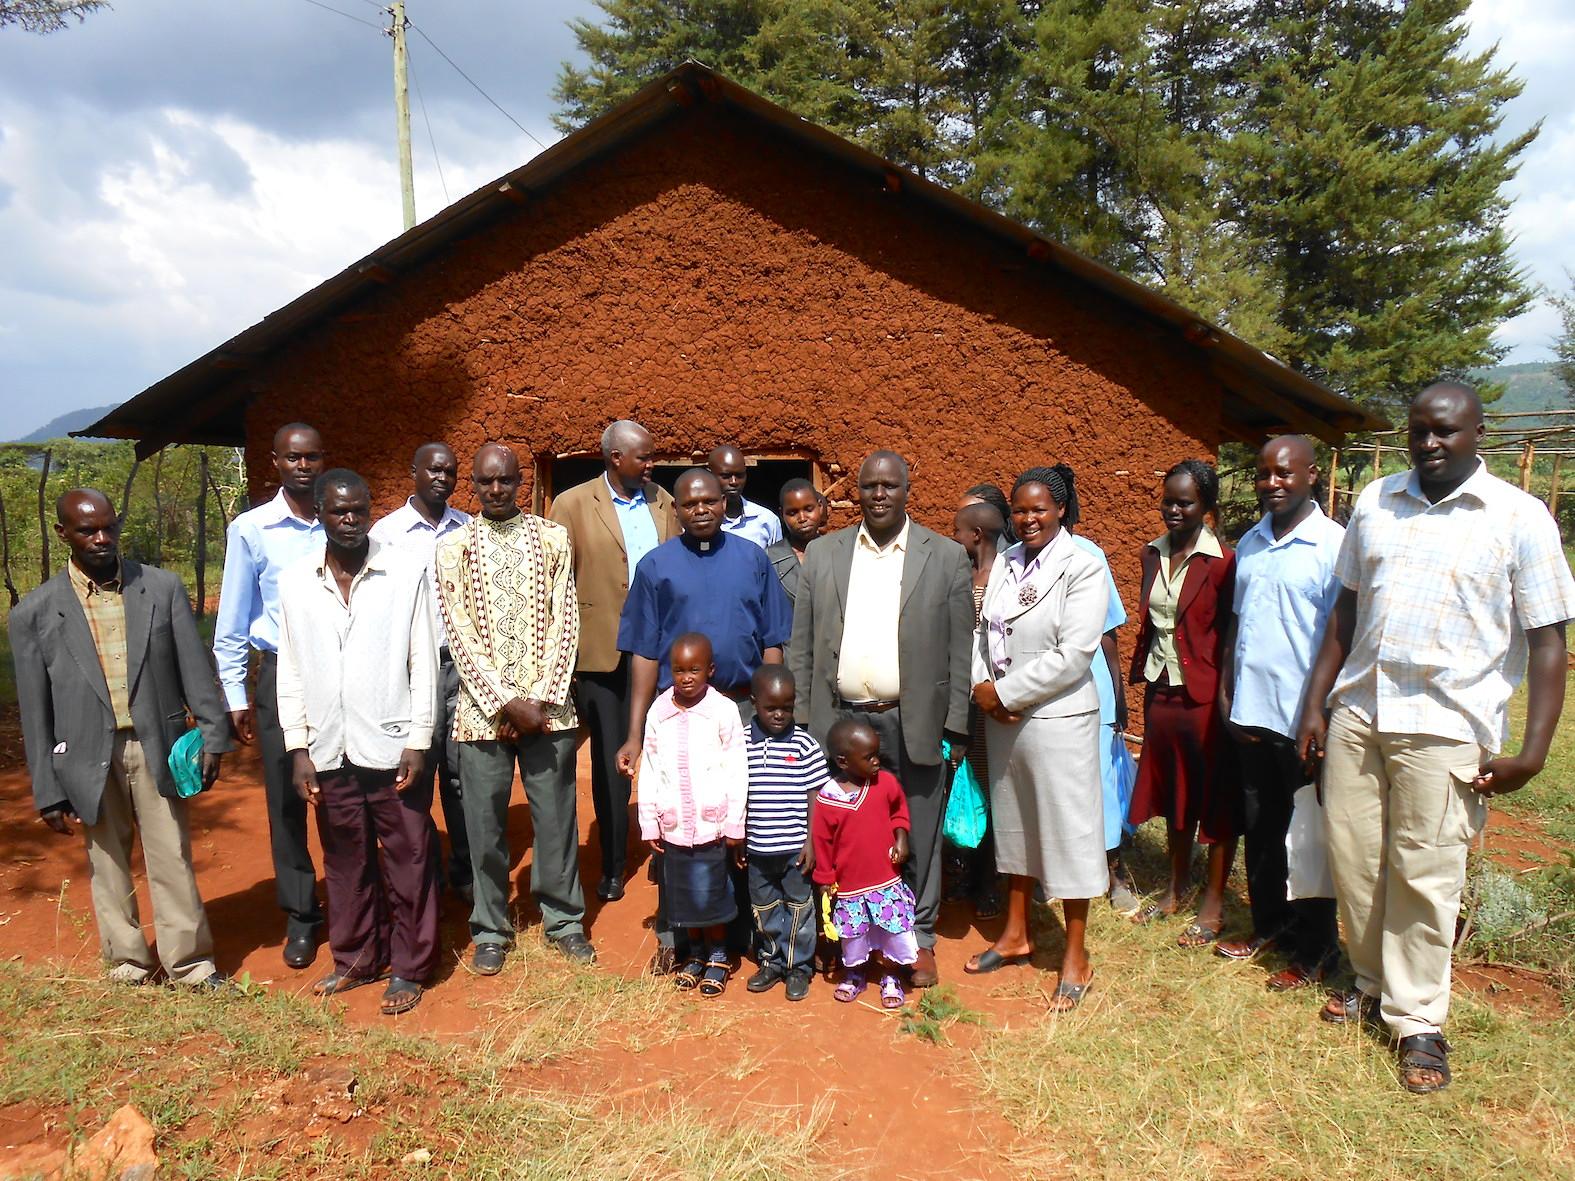 The Water Project : kenya4220-04-tuktuk-catholic-church-members-1